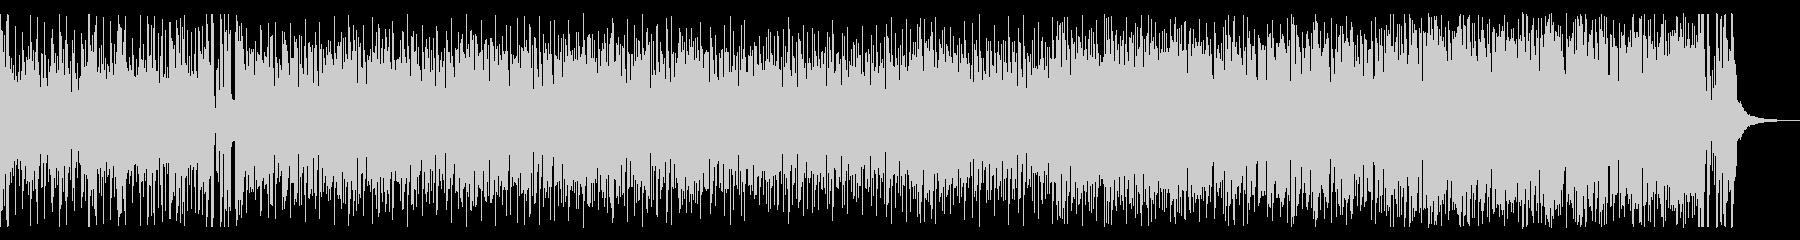 トランペットが明るく陽気なジャズサンバの未再生の波形